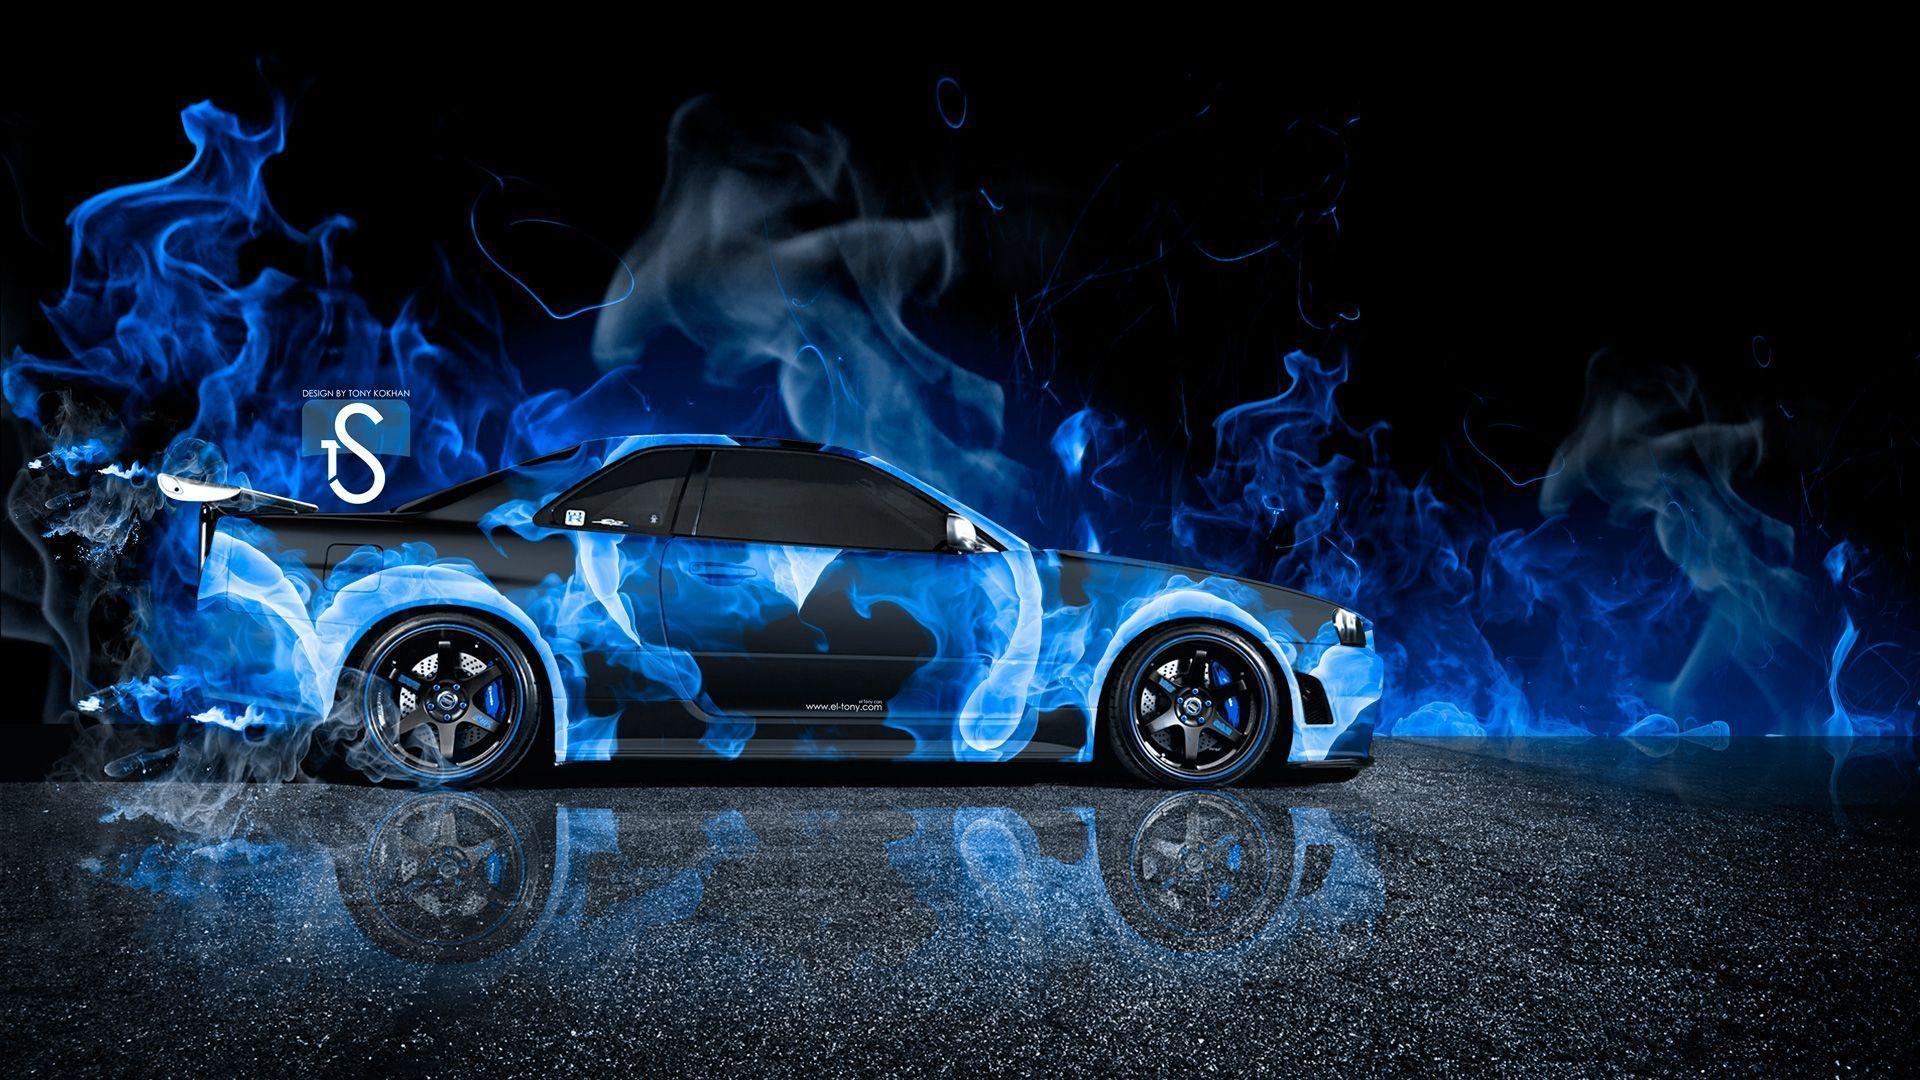 Nissan Skyline GTR R34 JDM Back Water Car 2013 « El Tony | Download  Wallpaper |